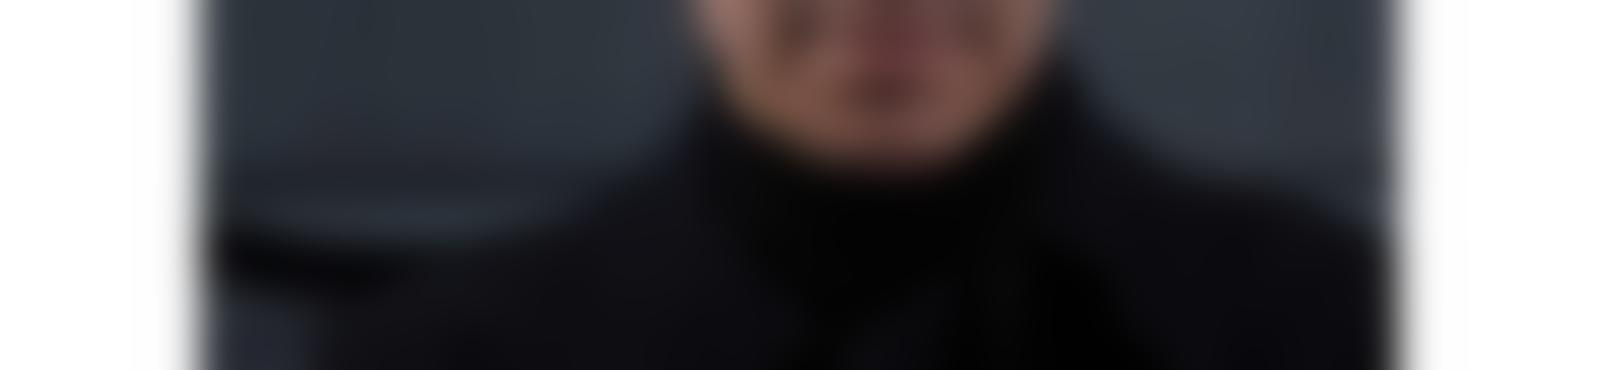 Blurred 658cbb48 ac3d 4ac5 beb0 34d51876c02a